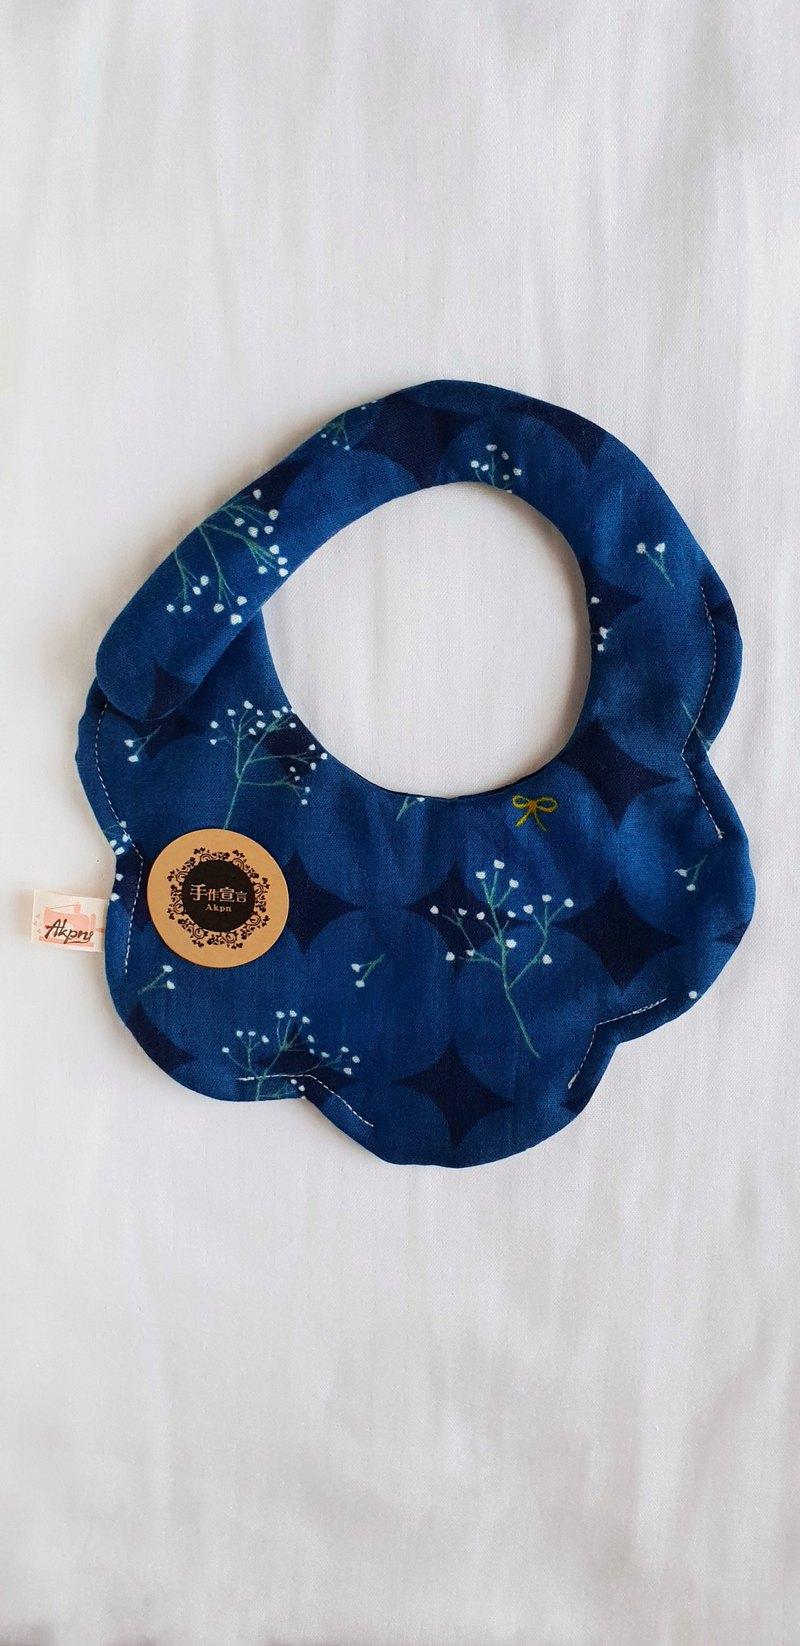 滿天星花卉-深藍-八層紗100%cotton隨性圓弧造型圍兜.口水巾